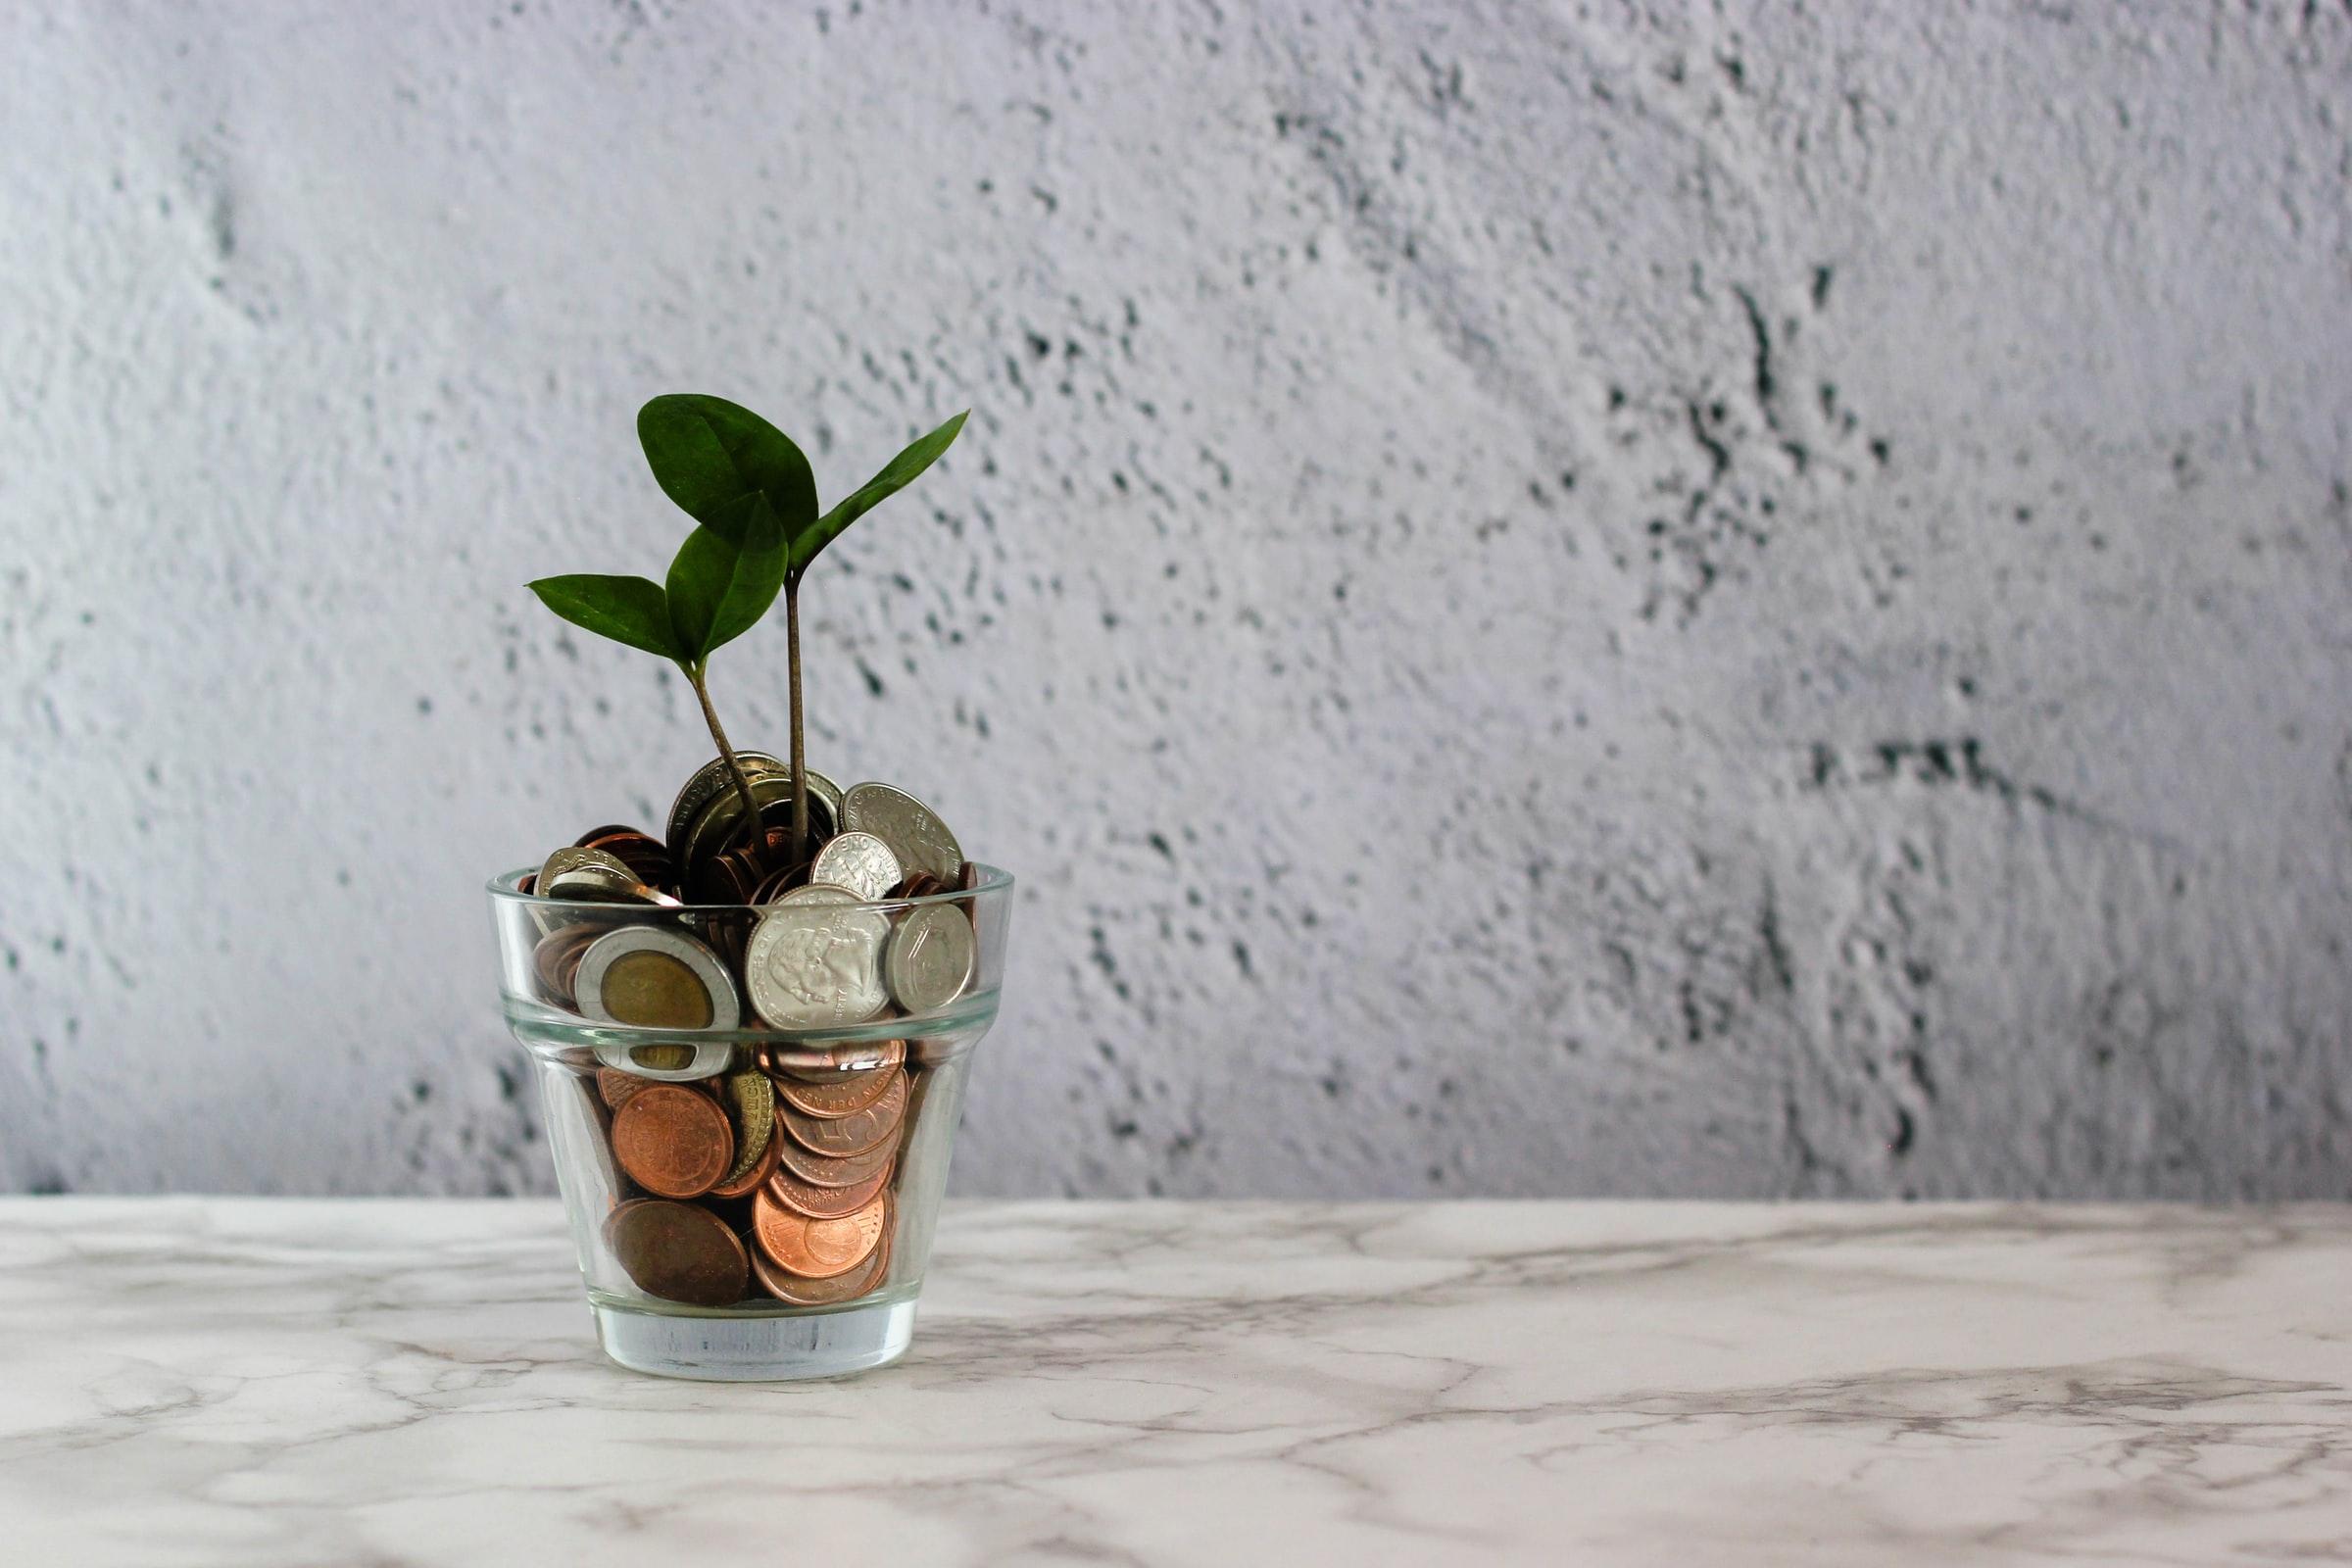 fotografia di un vasetto pieno di monetine da cui spunta un germoglio